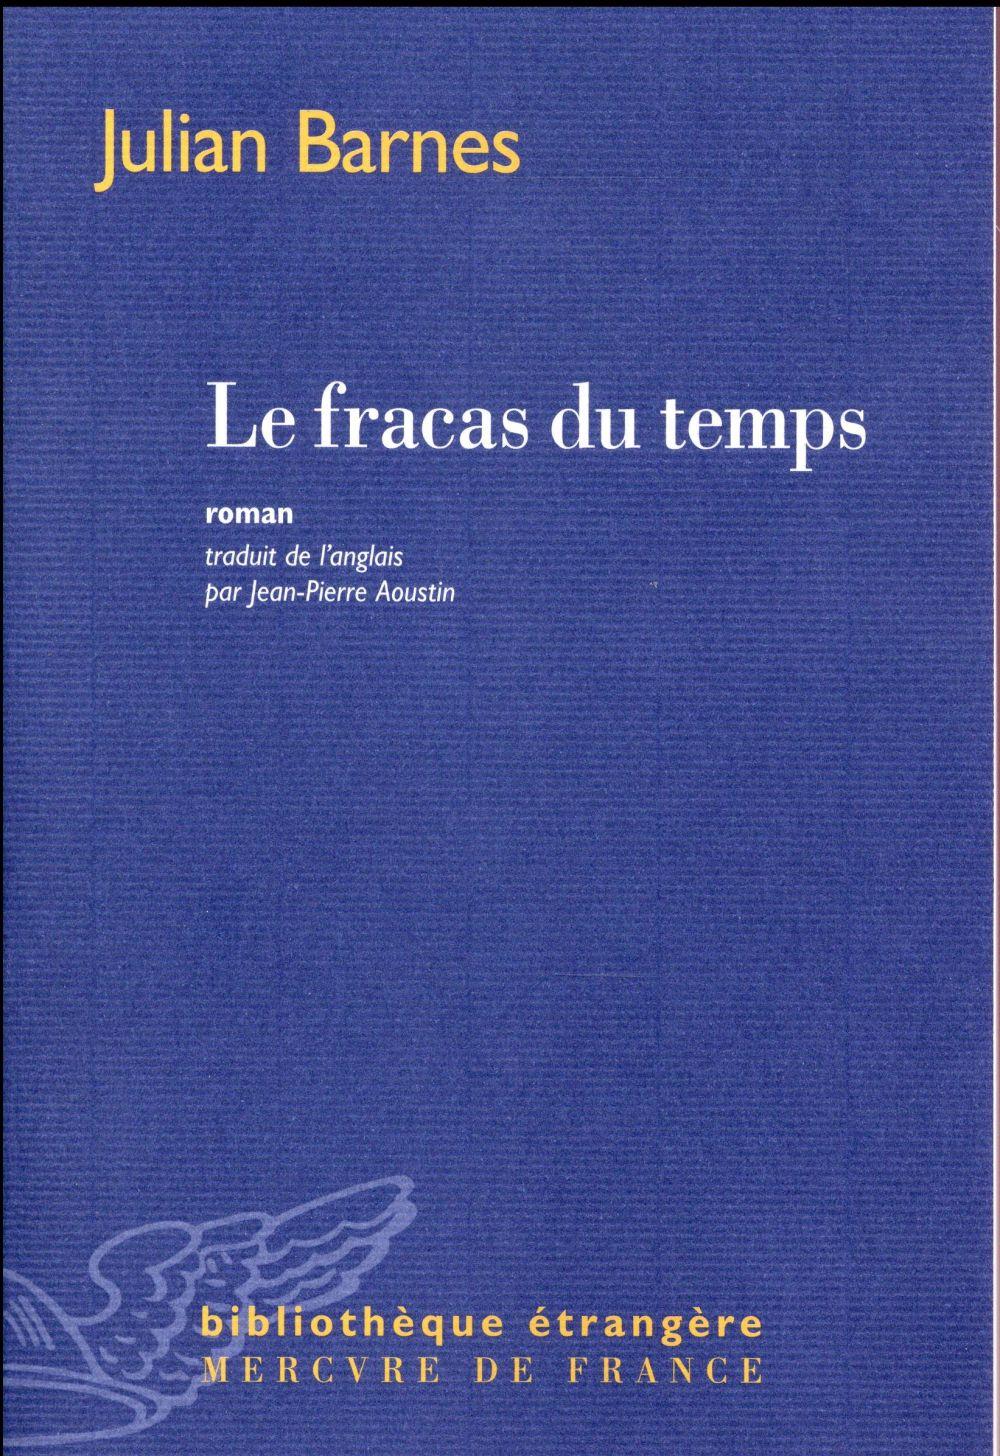 LE FRACAS DU TEMPS